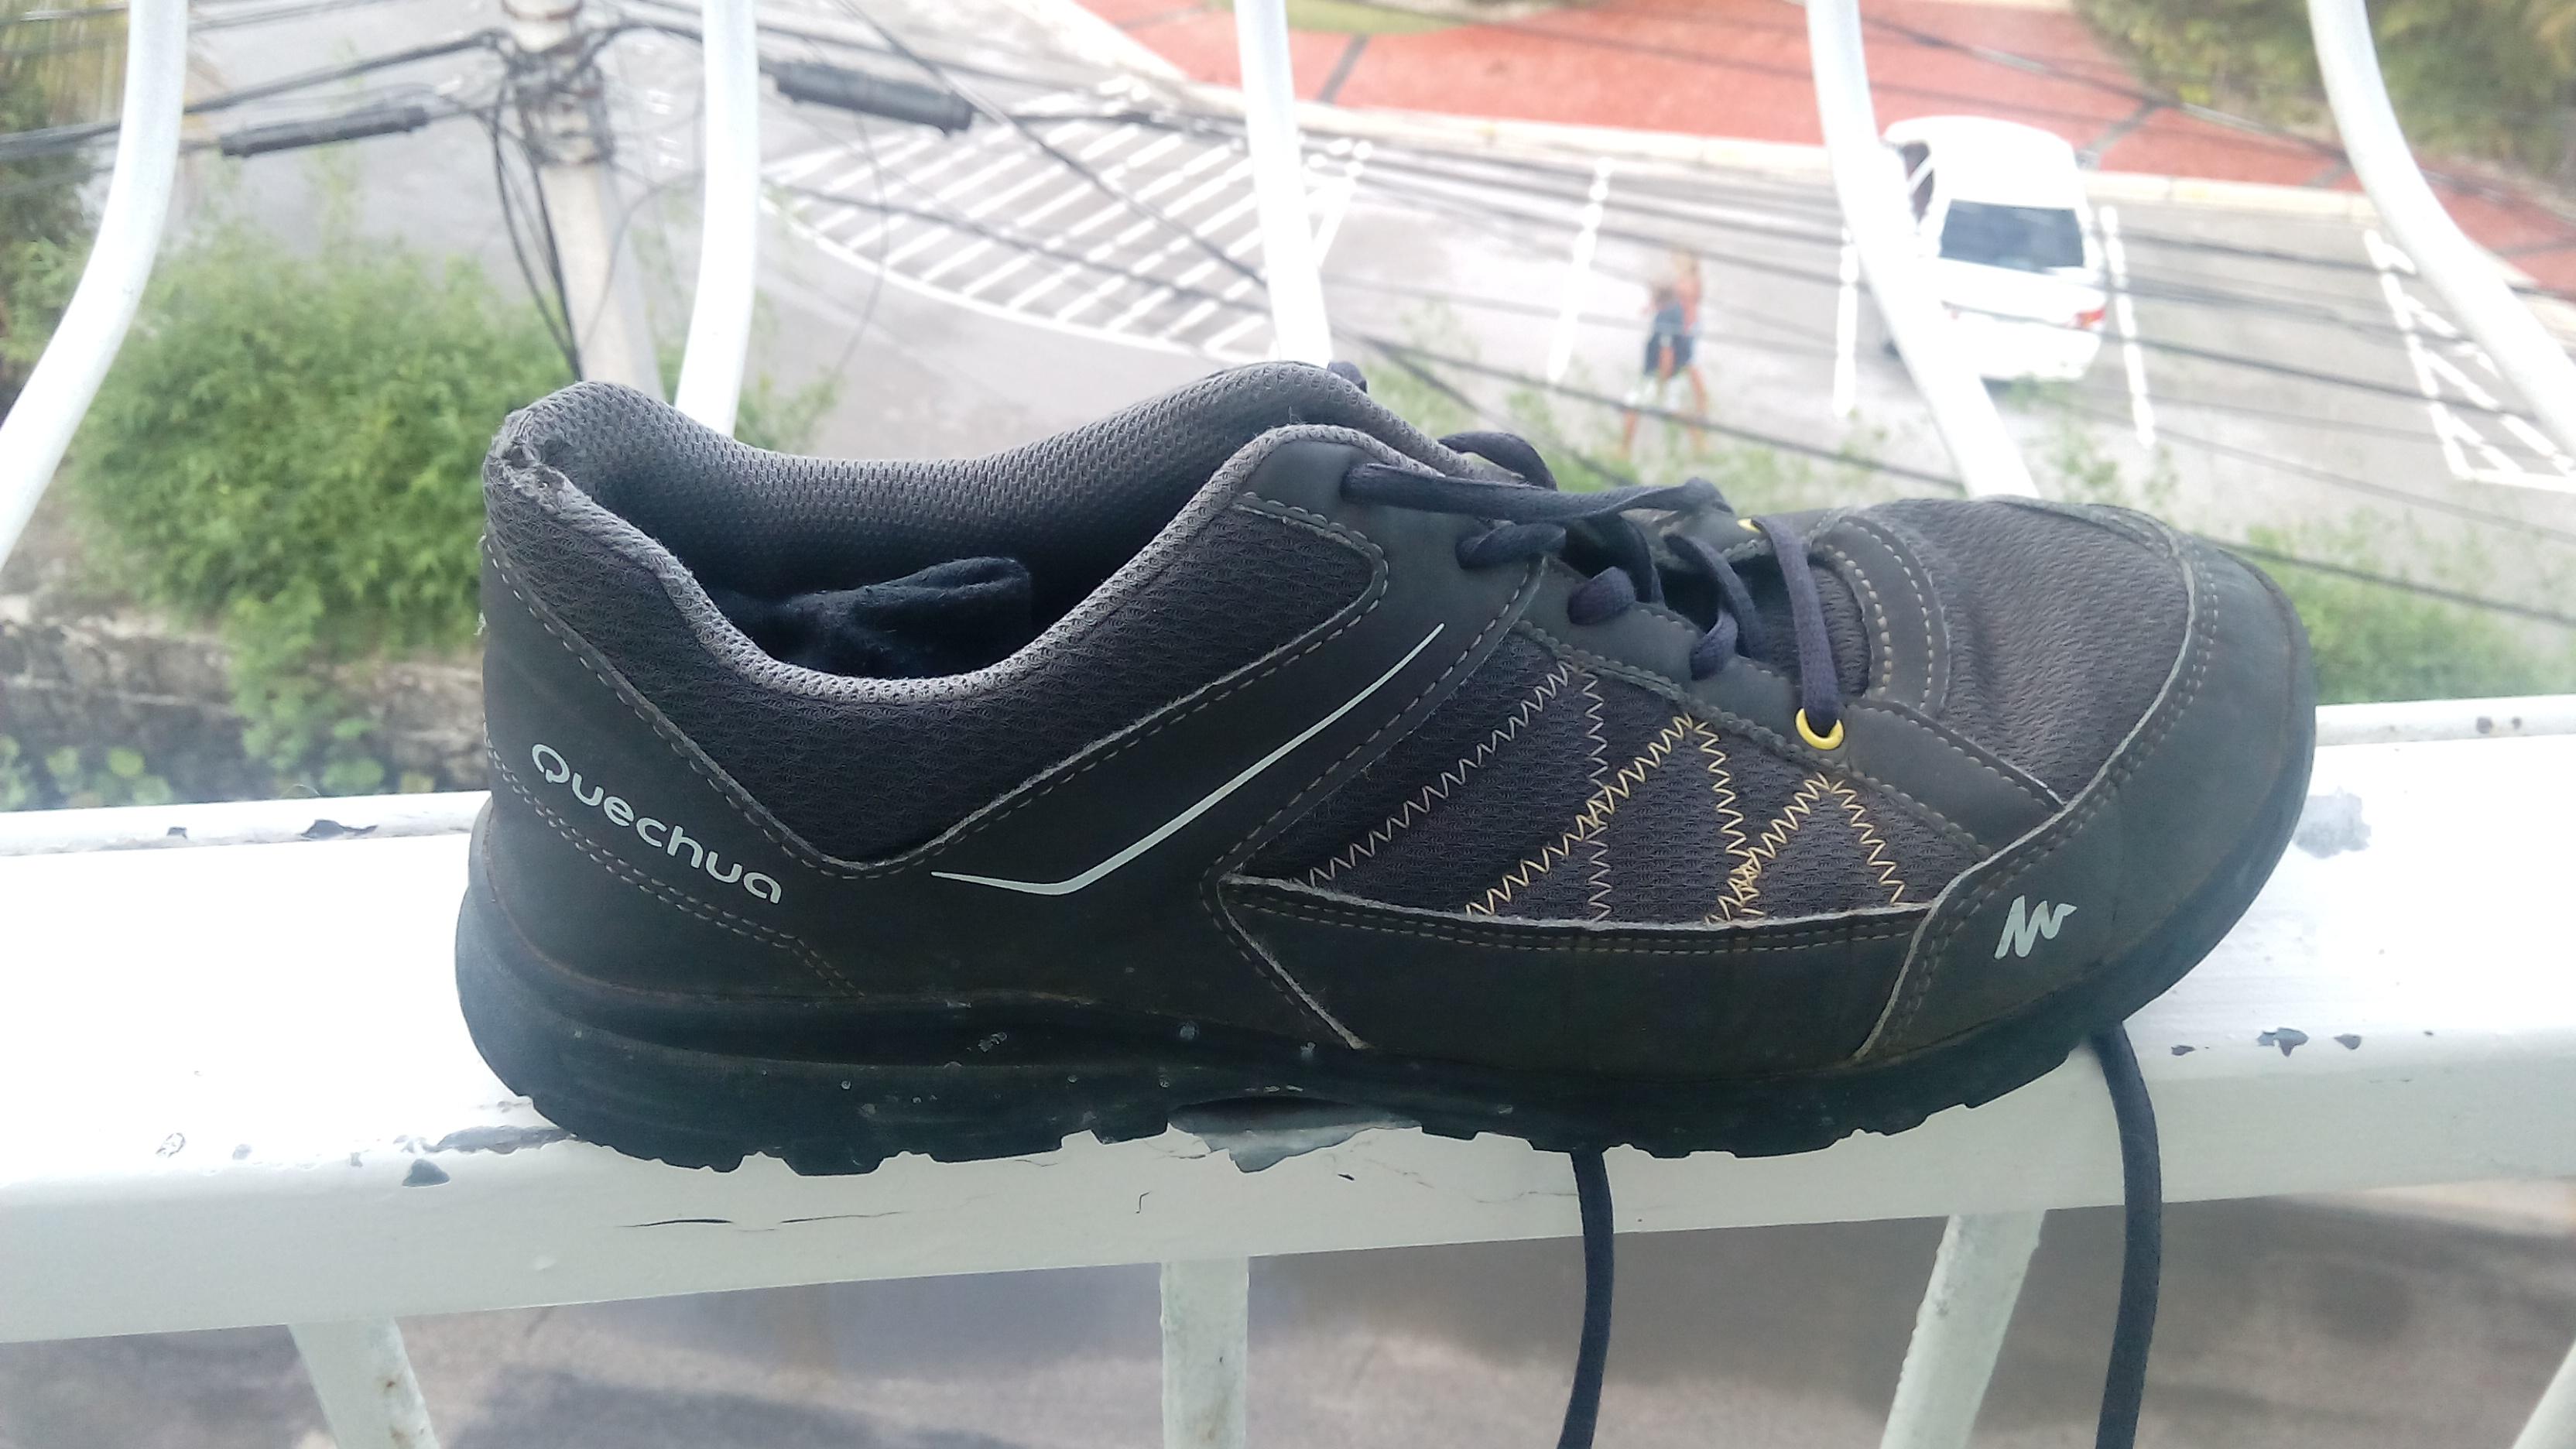 Le migliori scarpe per il cammino di Santiago - i Viaggi di Clach a77d17eab49